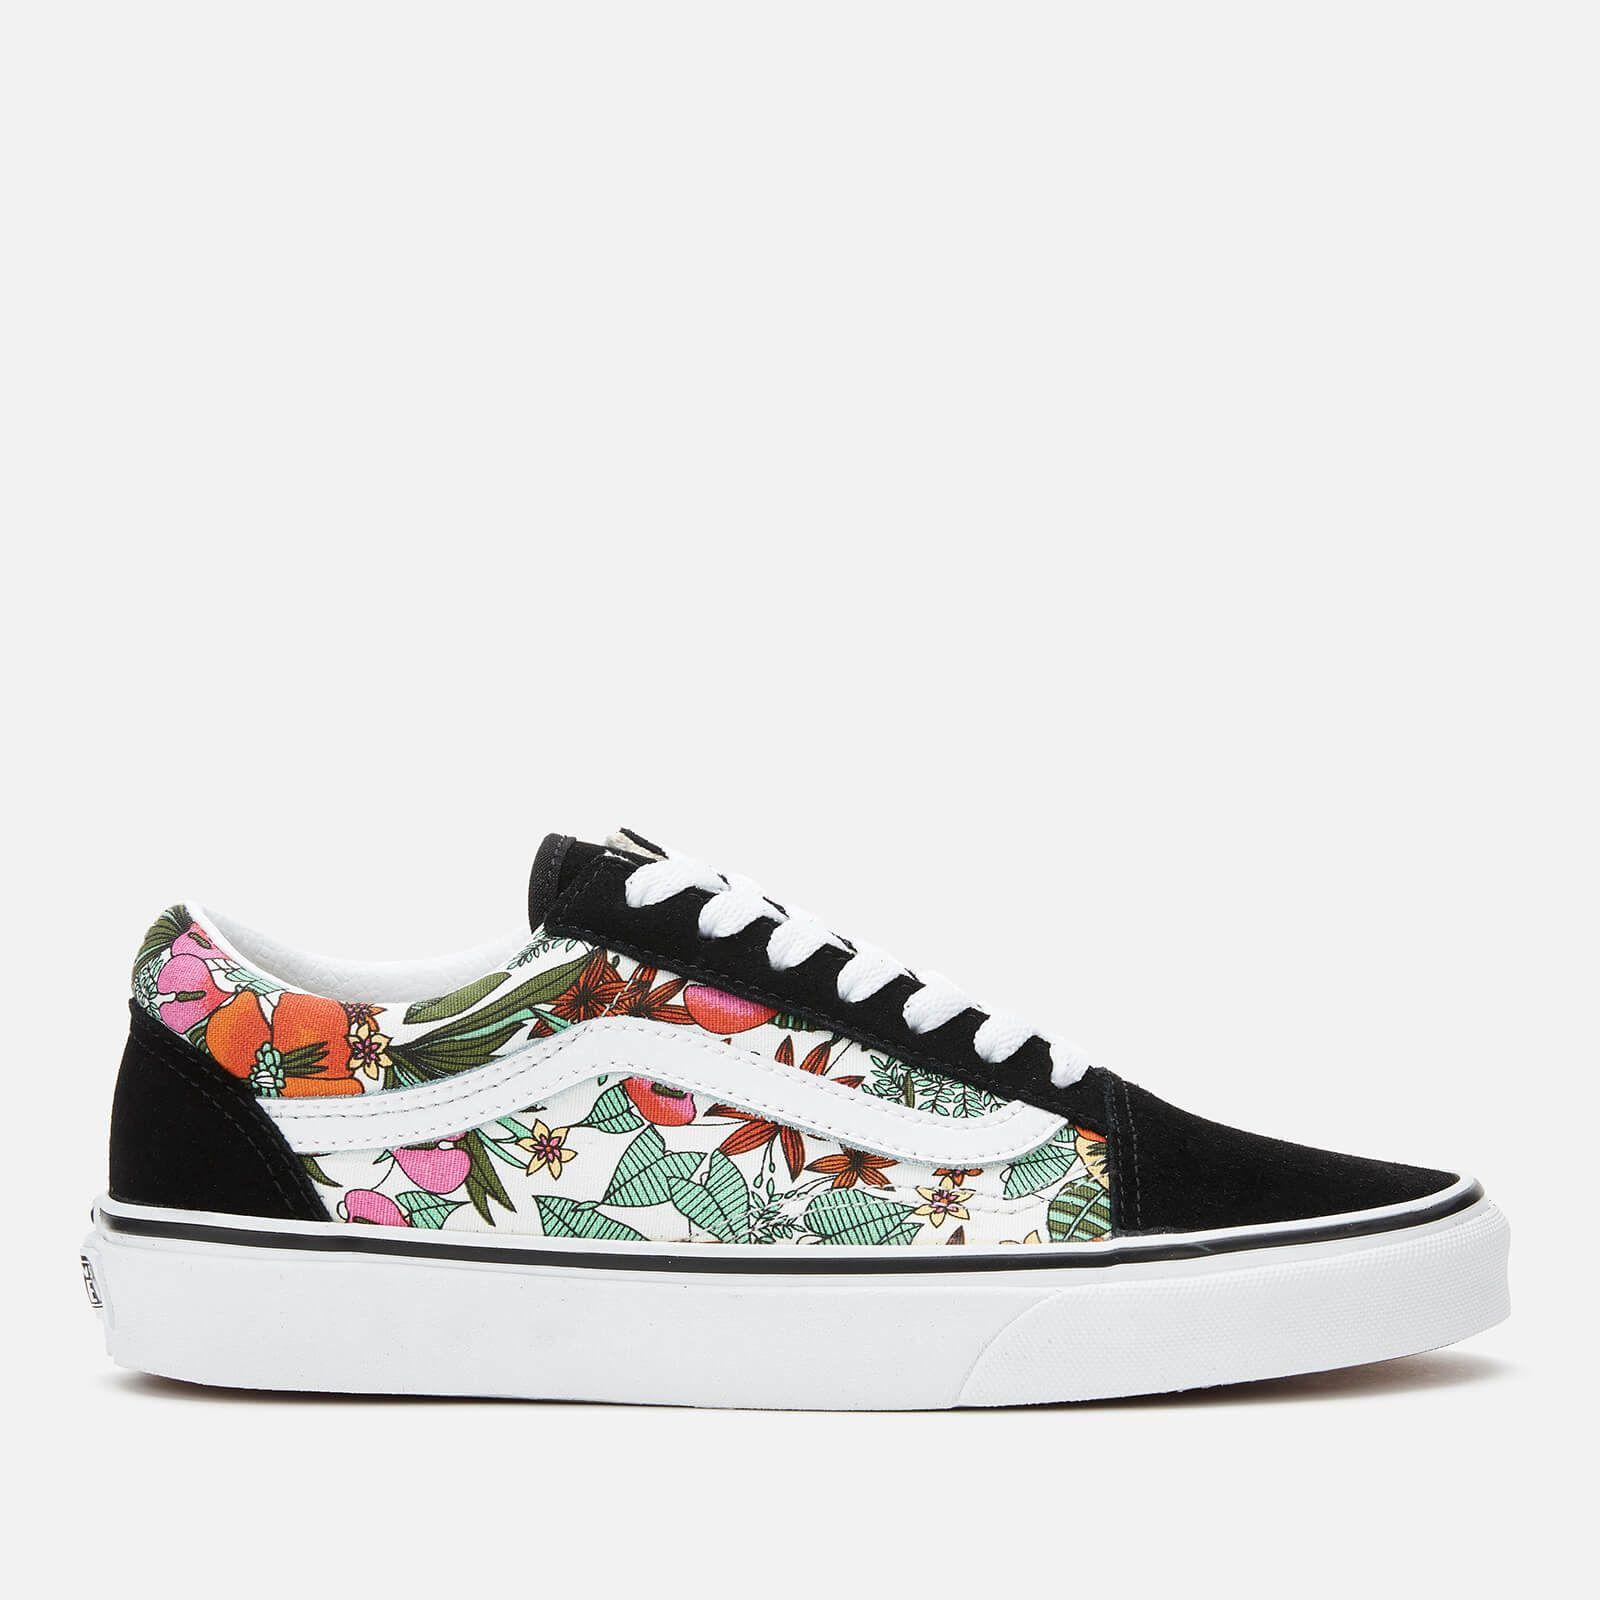 Womens vans, Vans skate shoes, Vans old